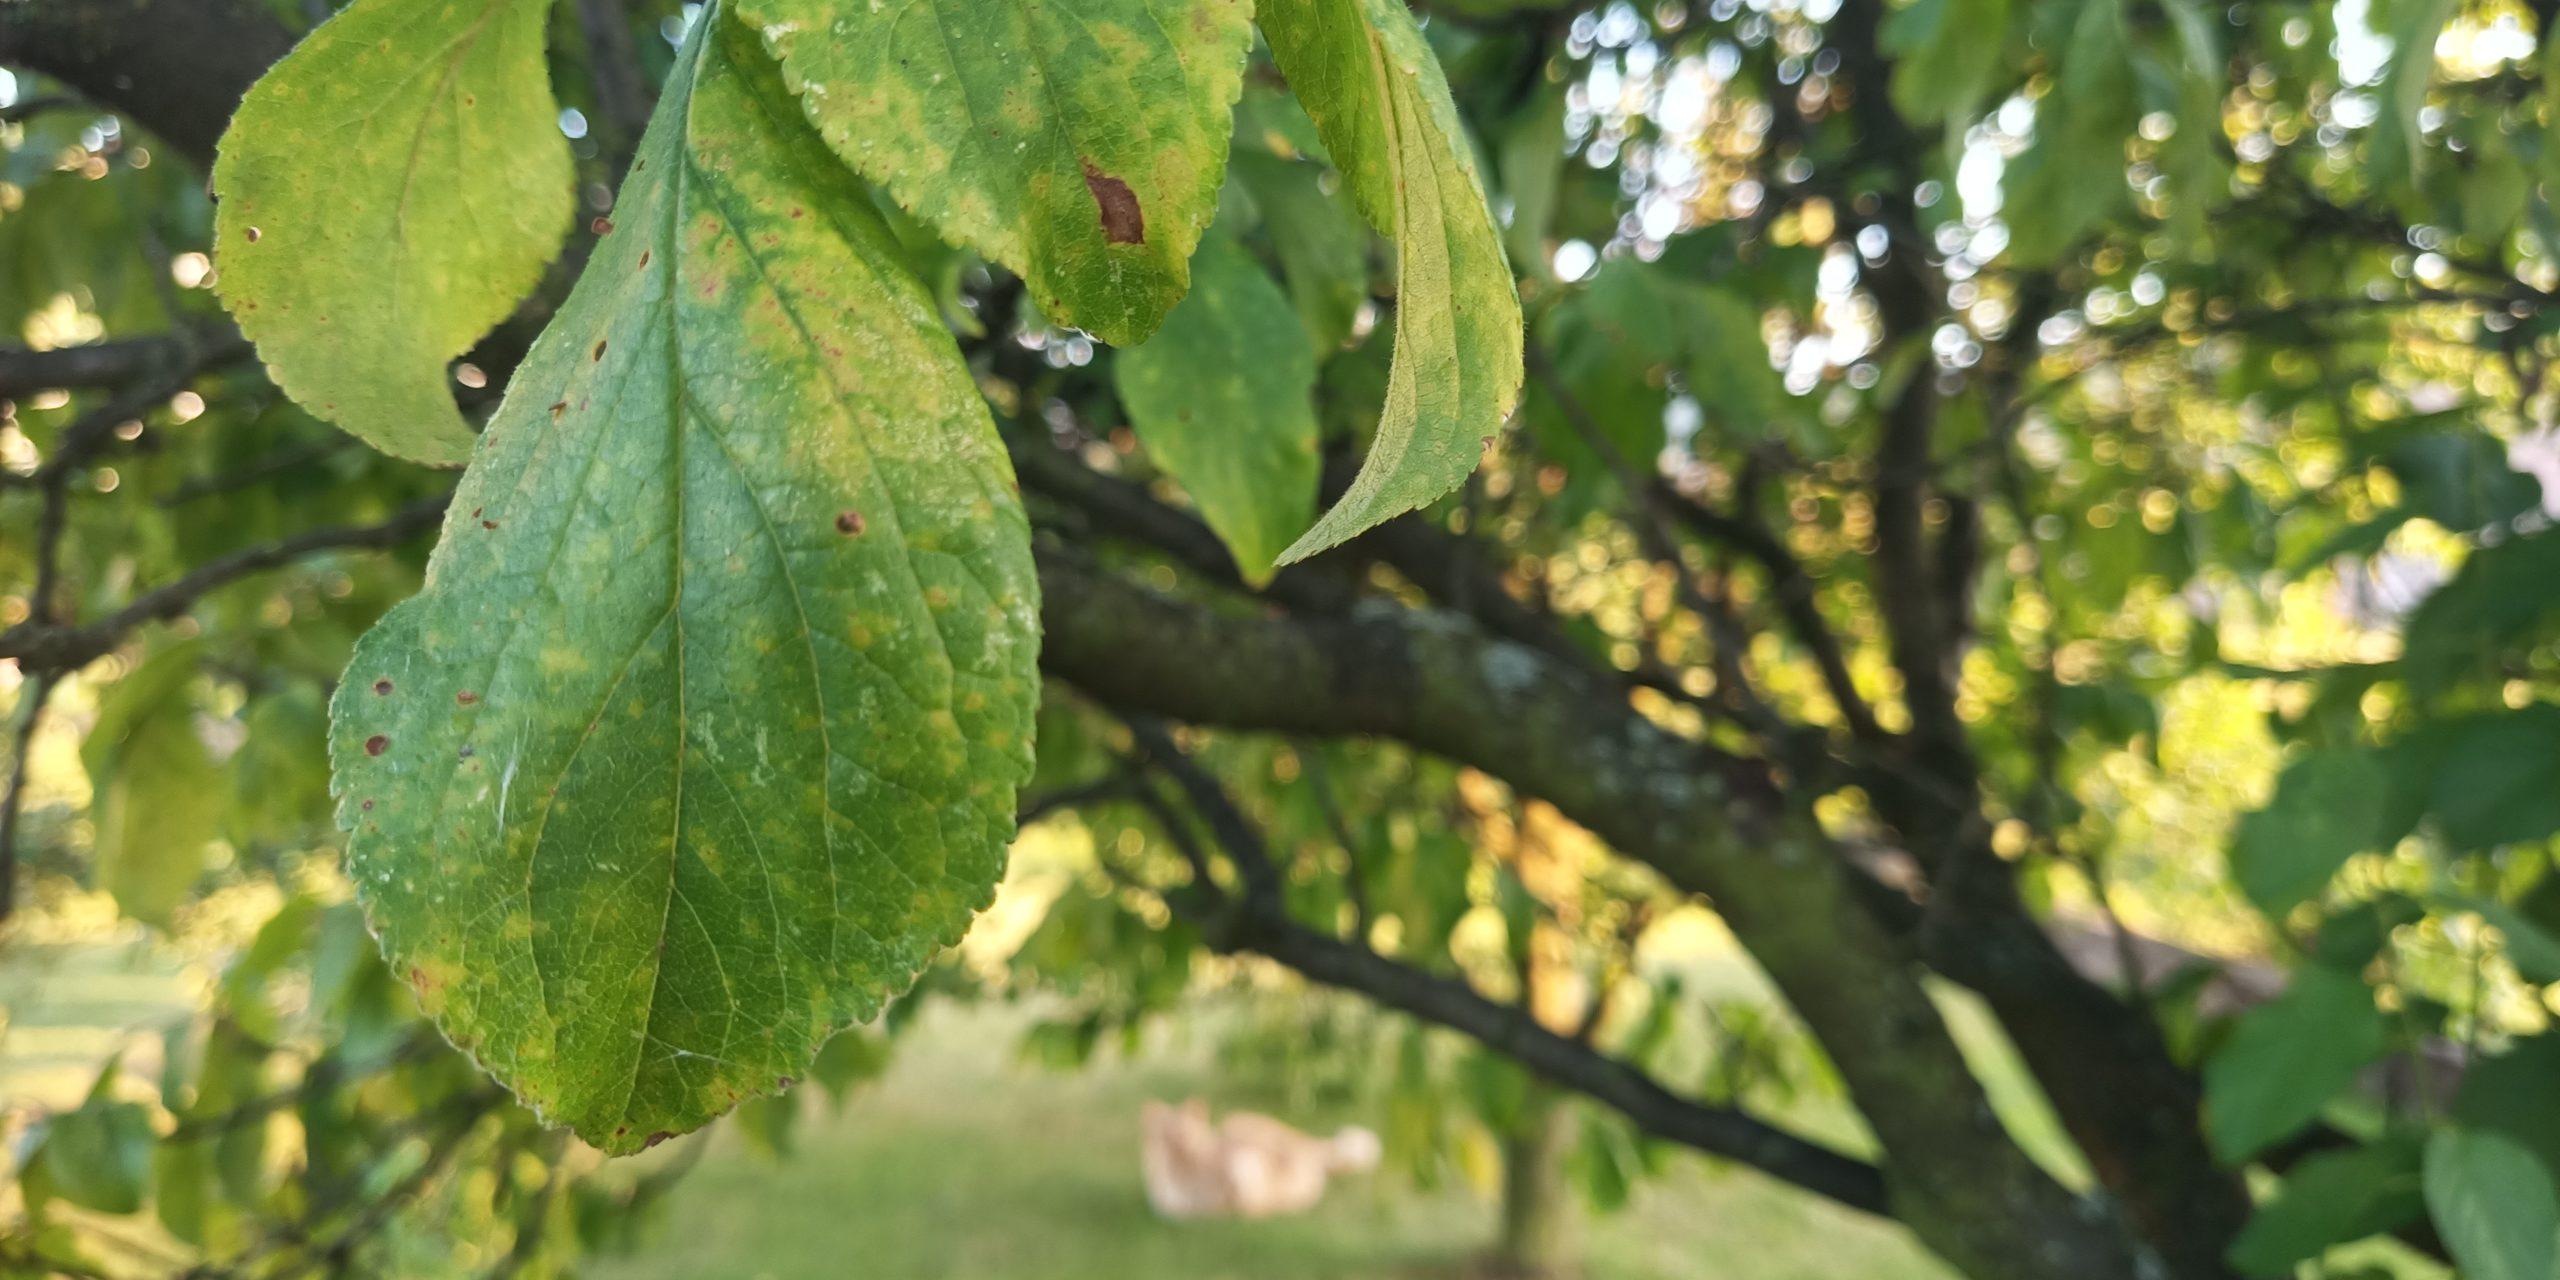 zdjęcie liści oukitel wp7